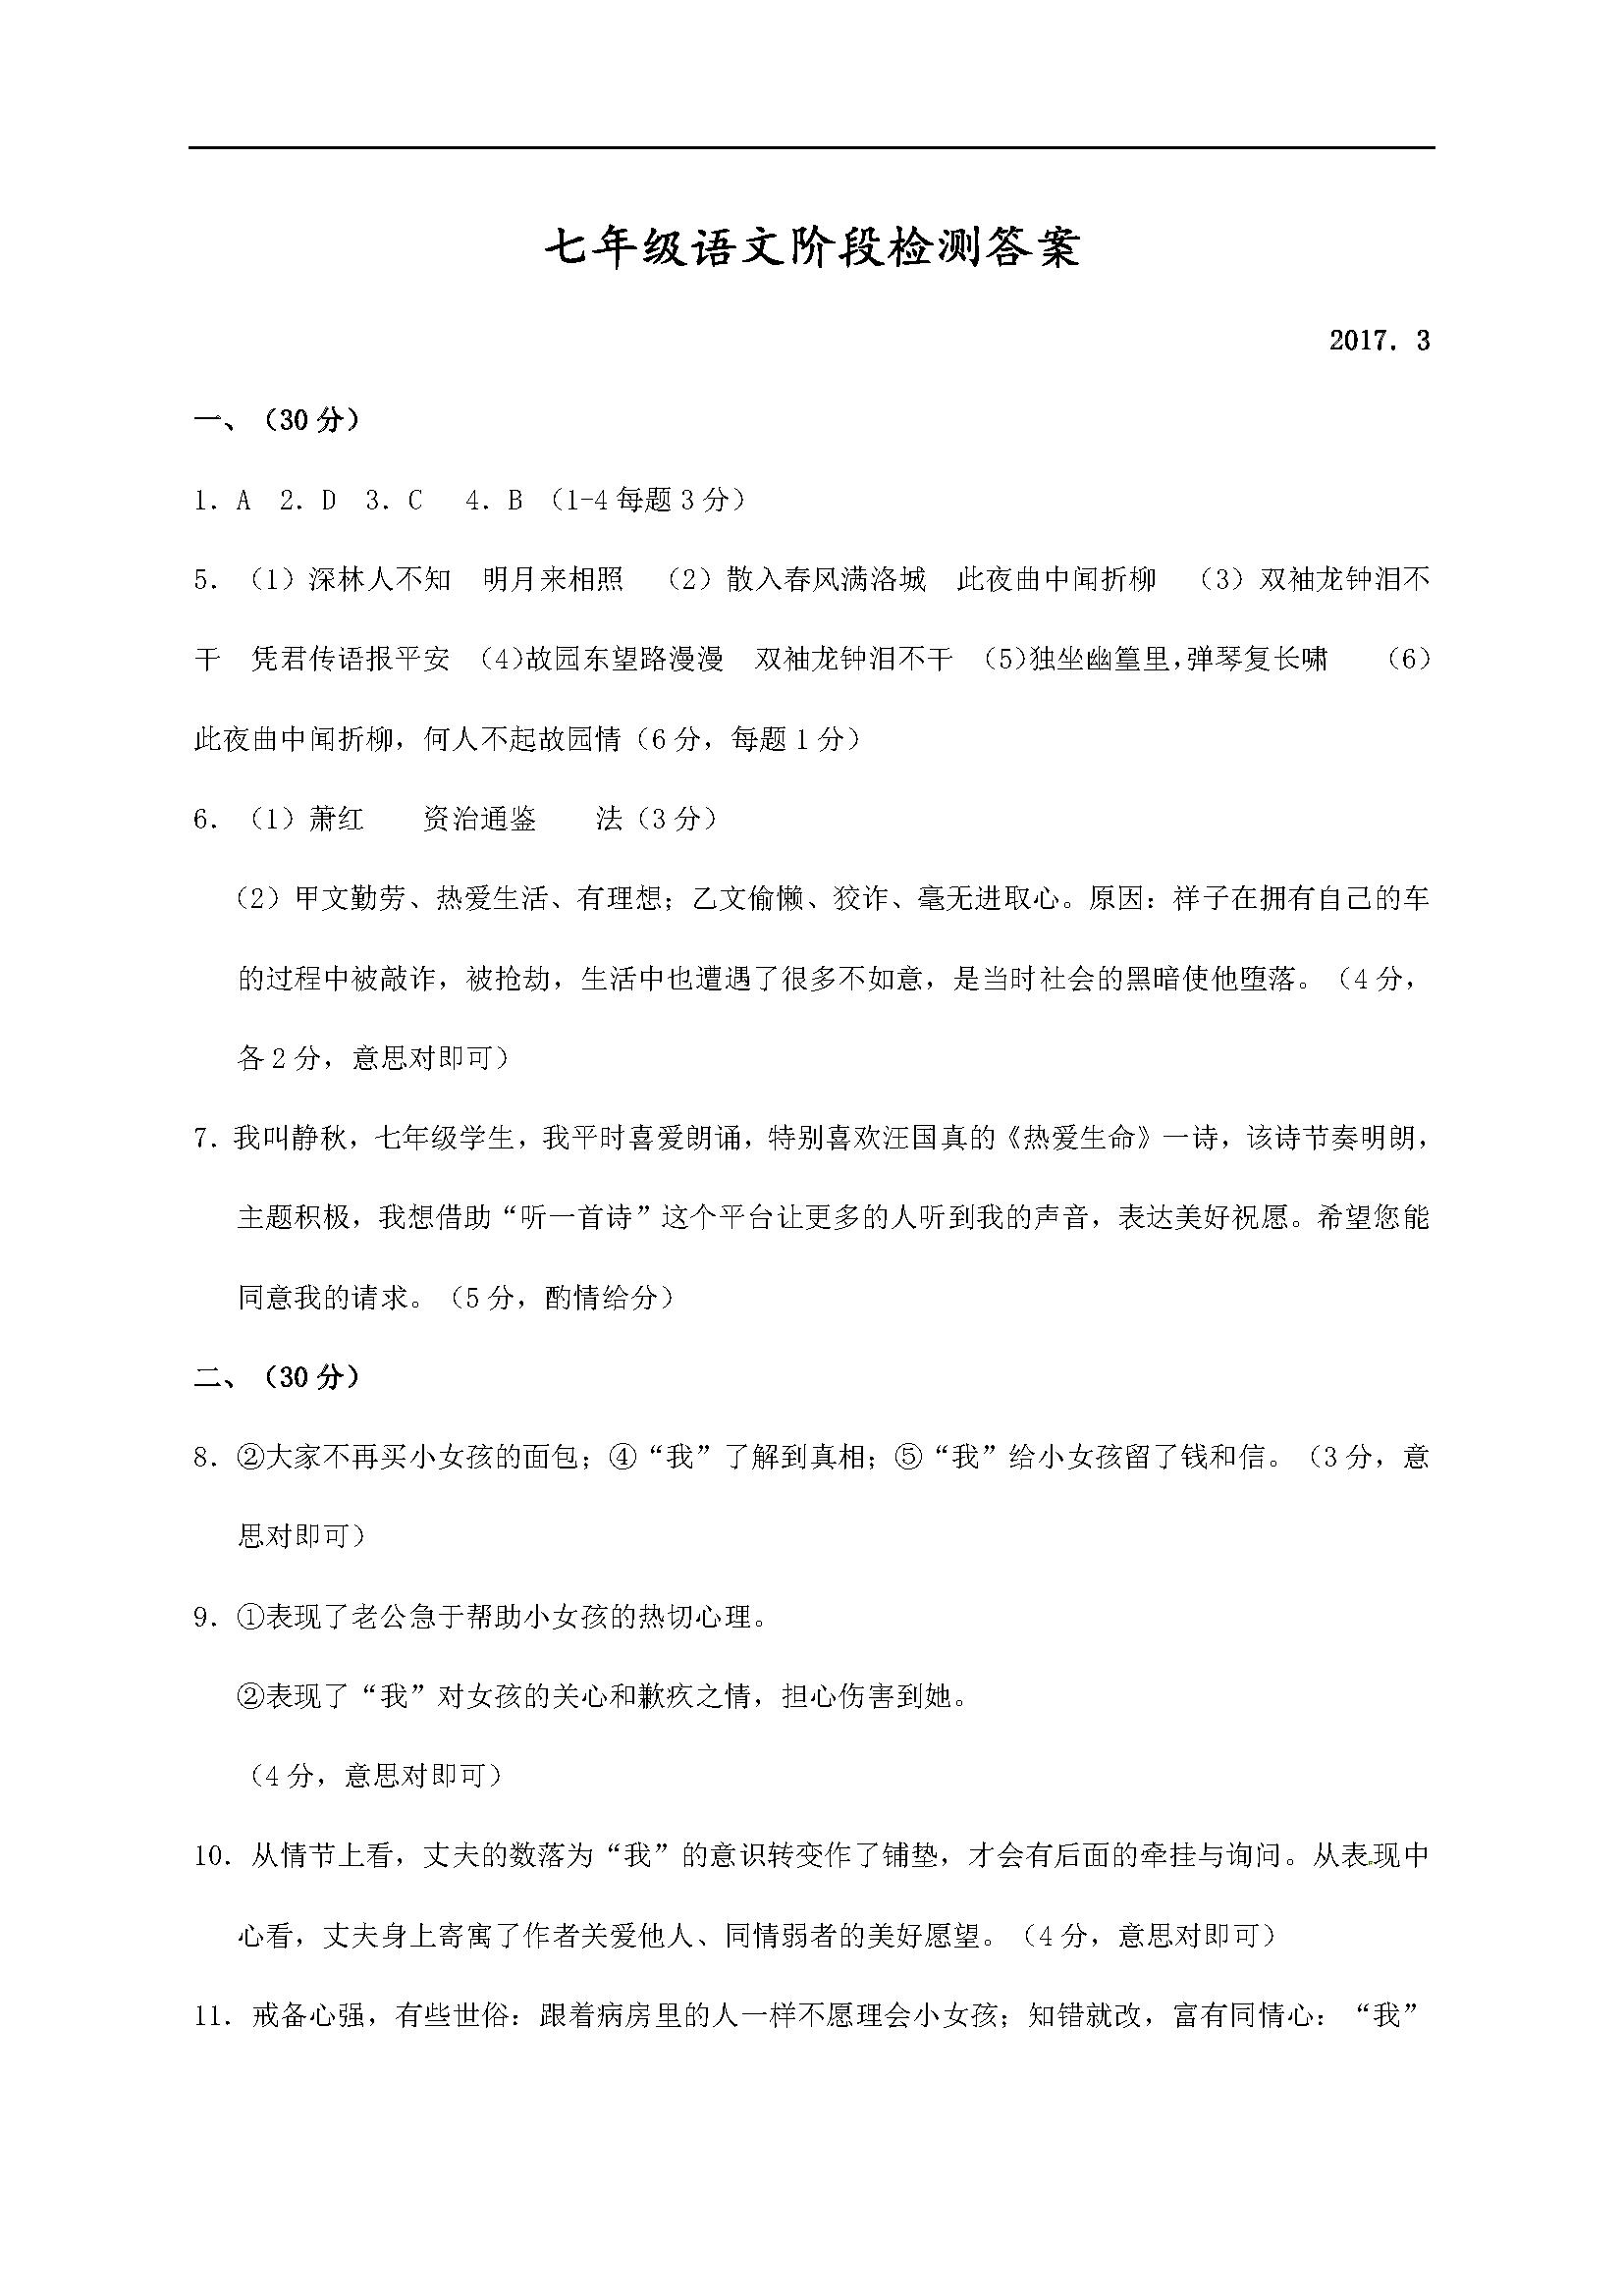 2017浙江杭州萧山七年级3月月考语文试题答案(图片版)